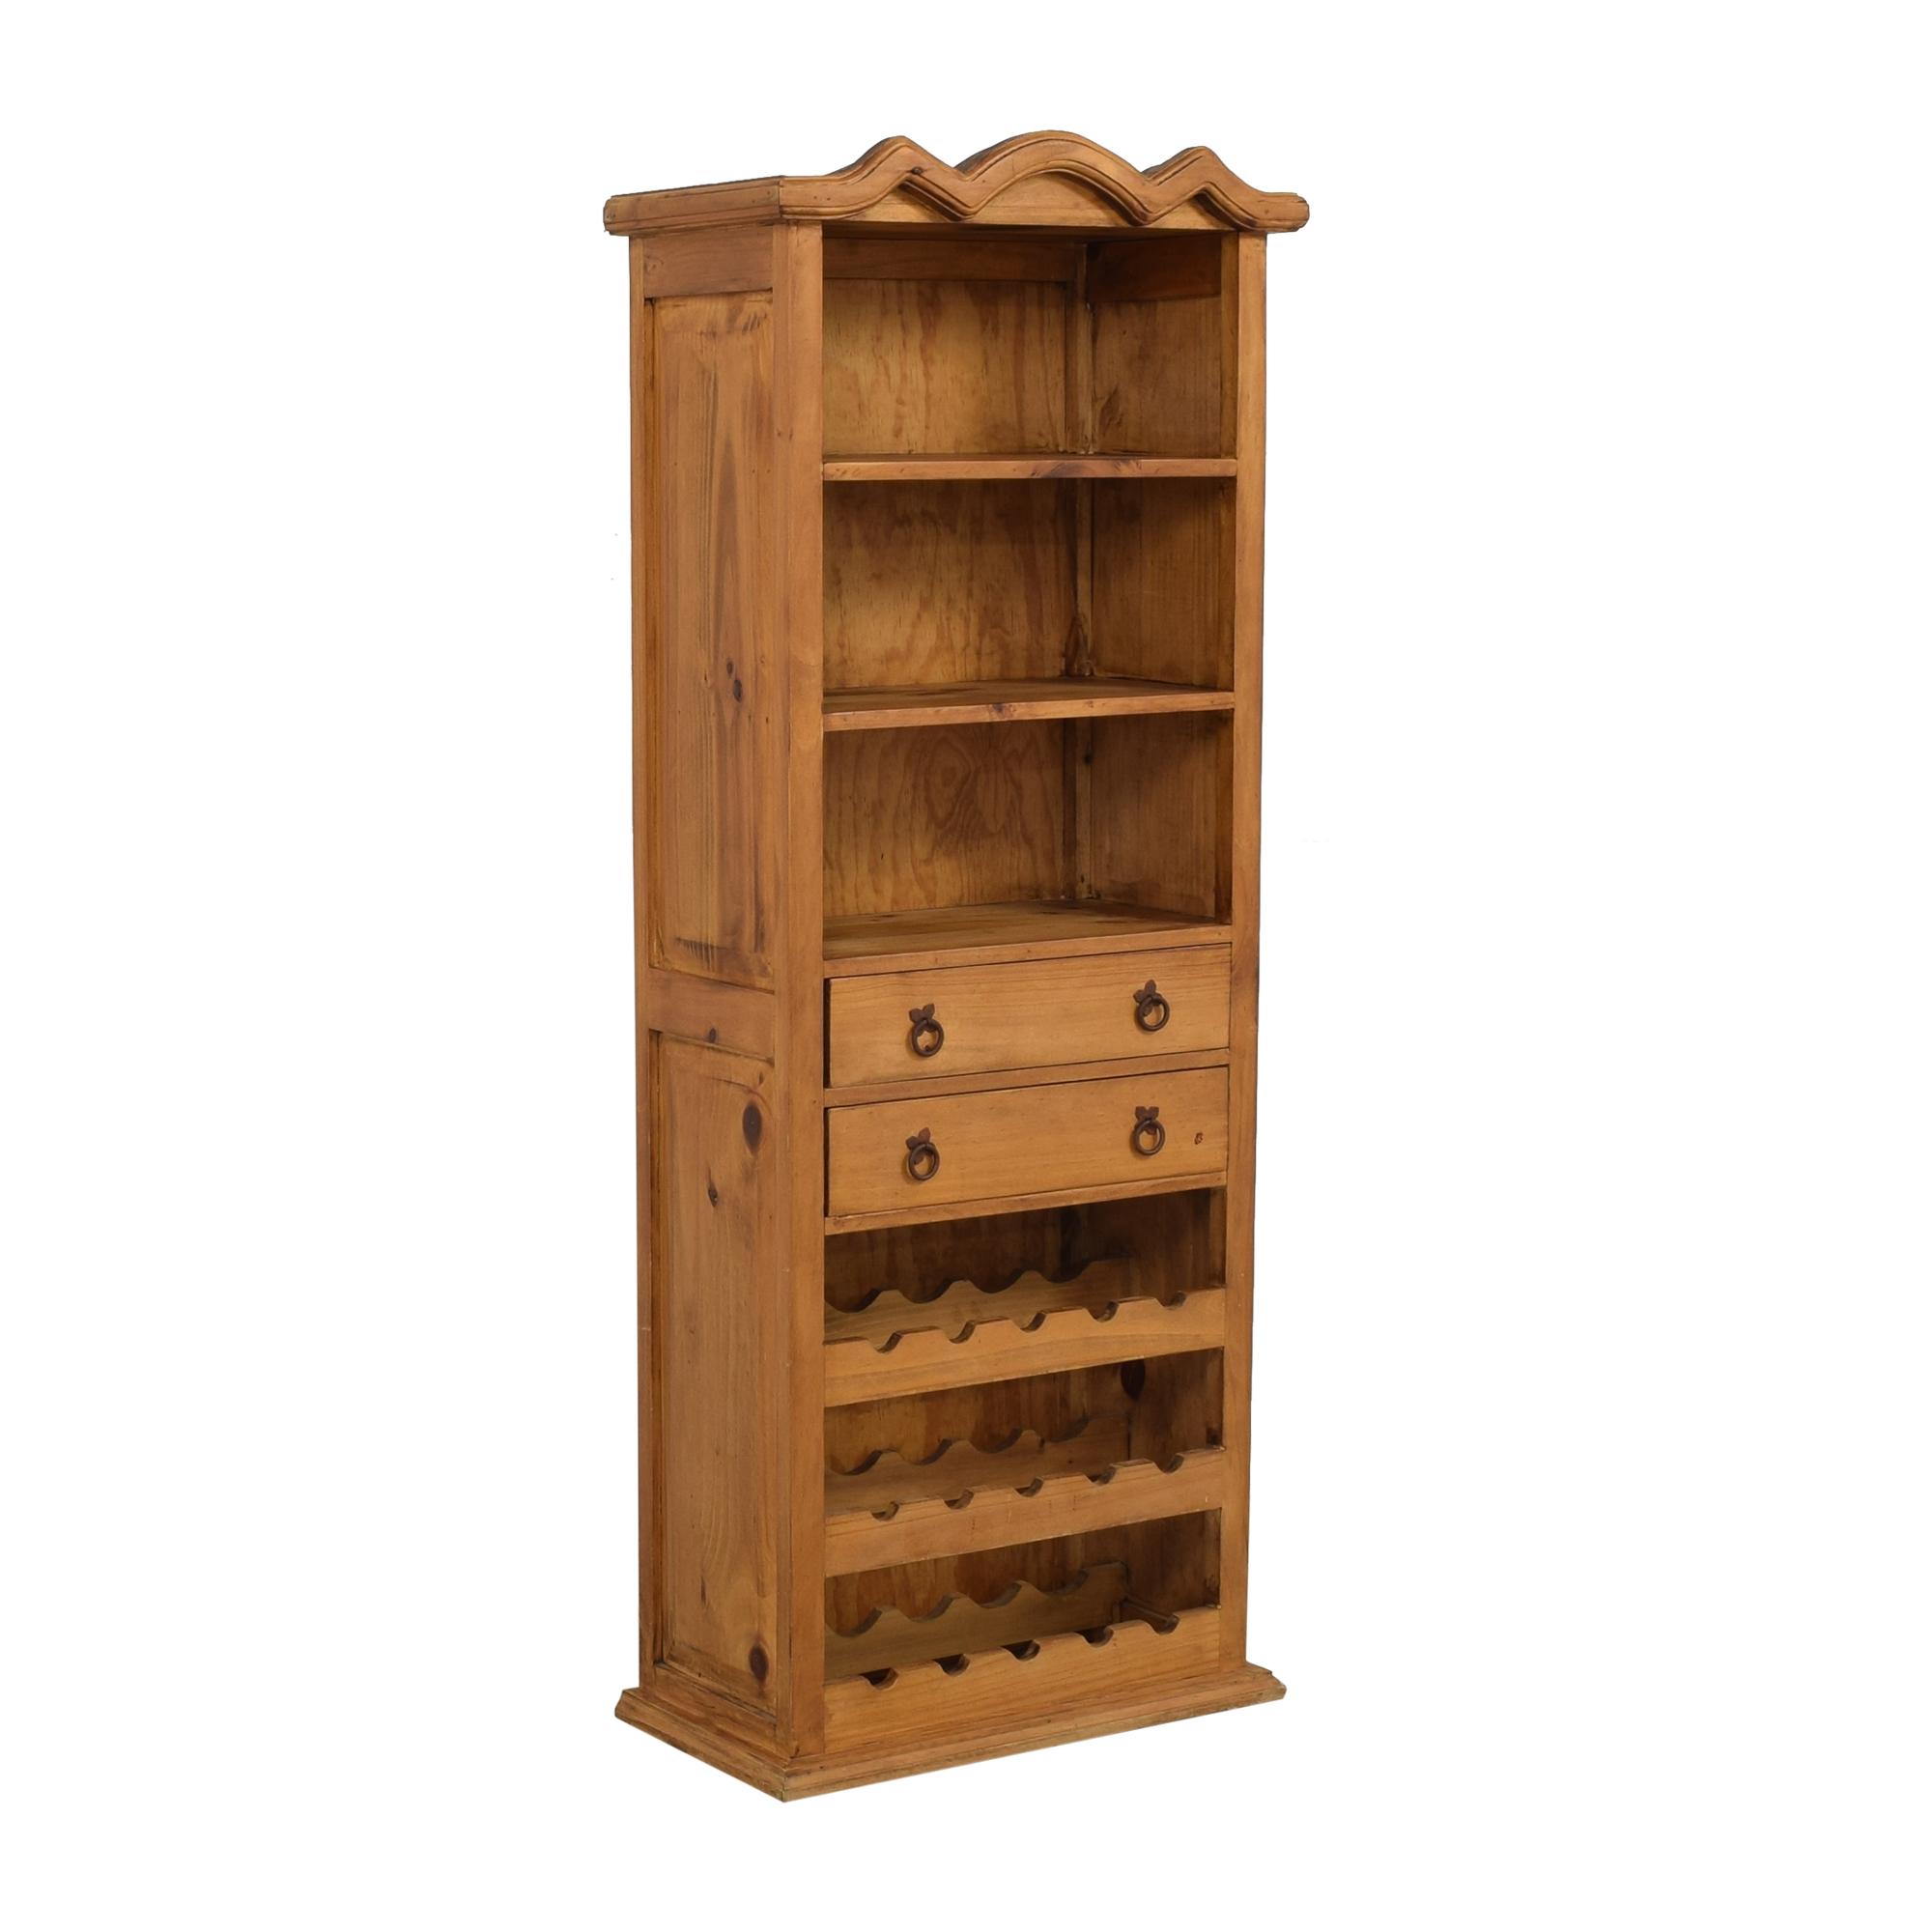 El Dorado Furniture El Dorado Furniture Tall Bar Cabinet coupon